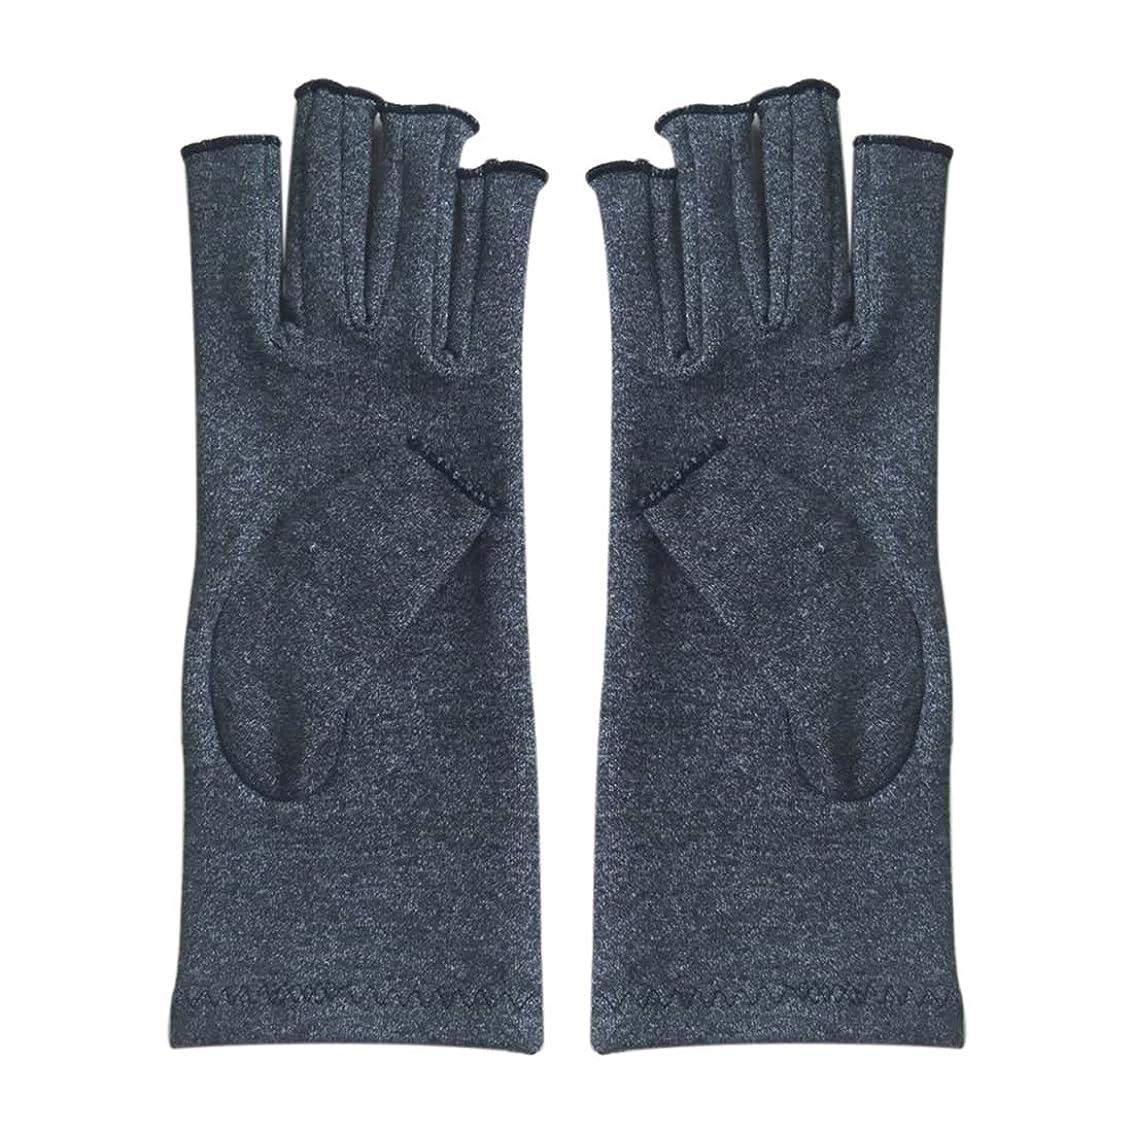 起きて改善ひいきにするCUHAWUDBA 1ペア成人男性女性用弾性コットンコンプレッション手袋手関節炎関節痛鎮痛軽減S -灰色、S